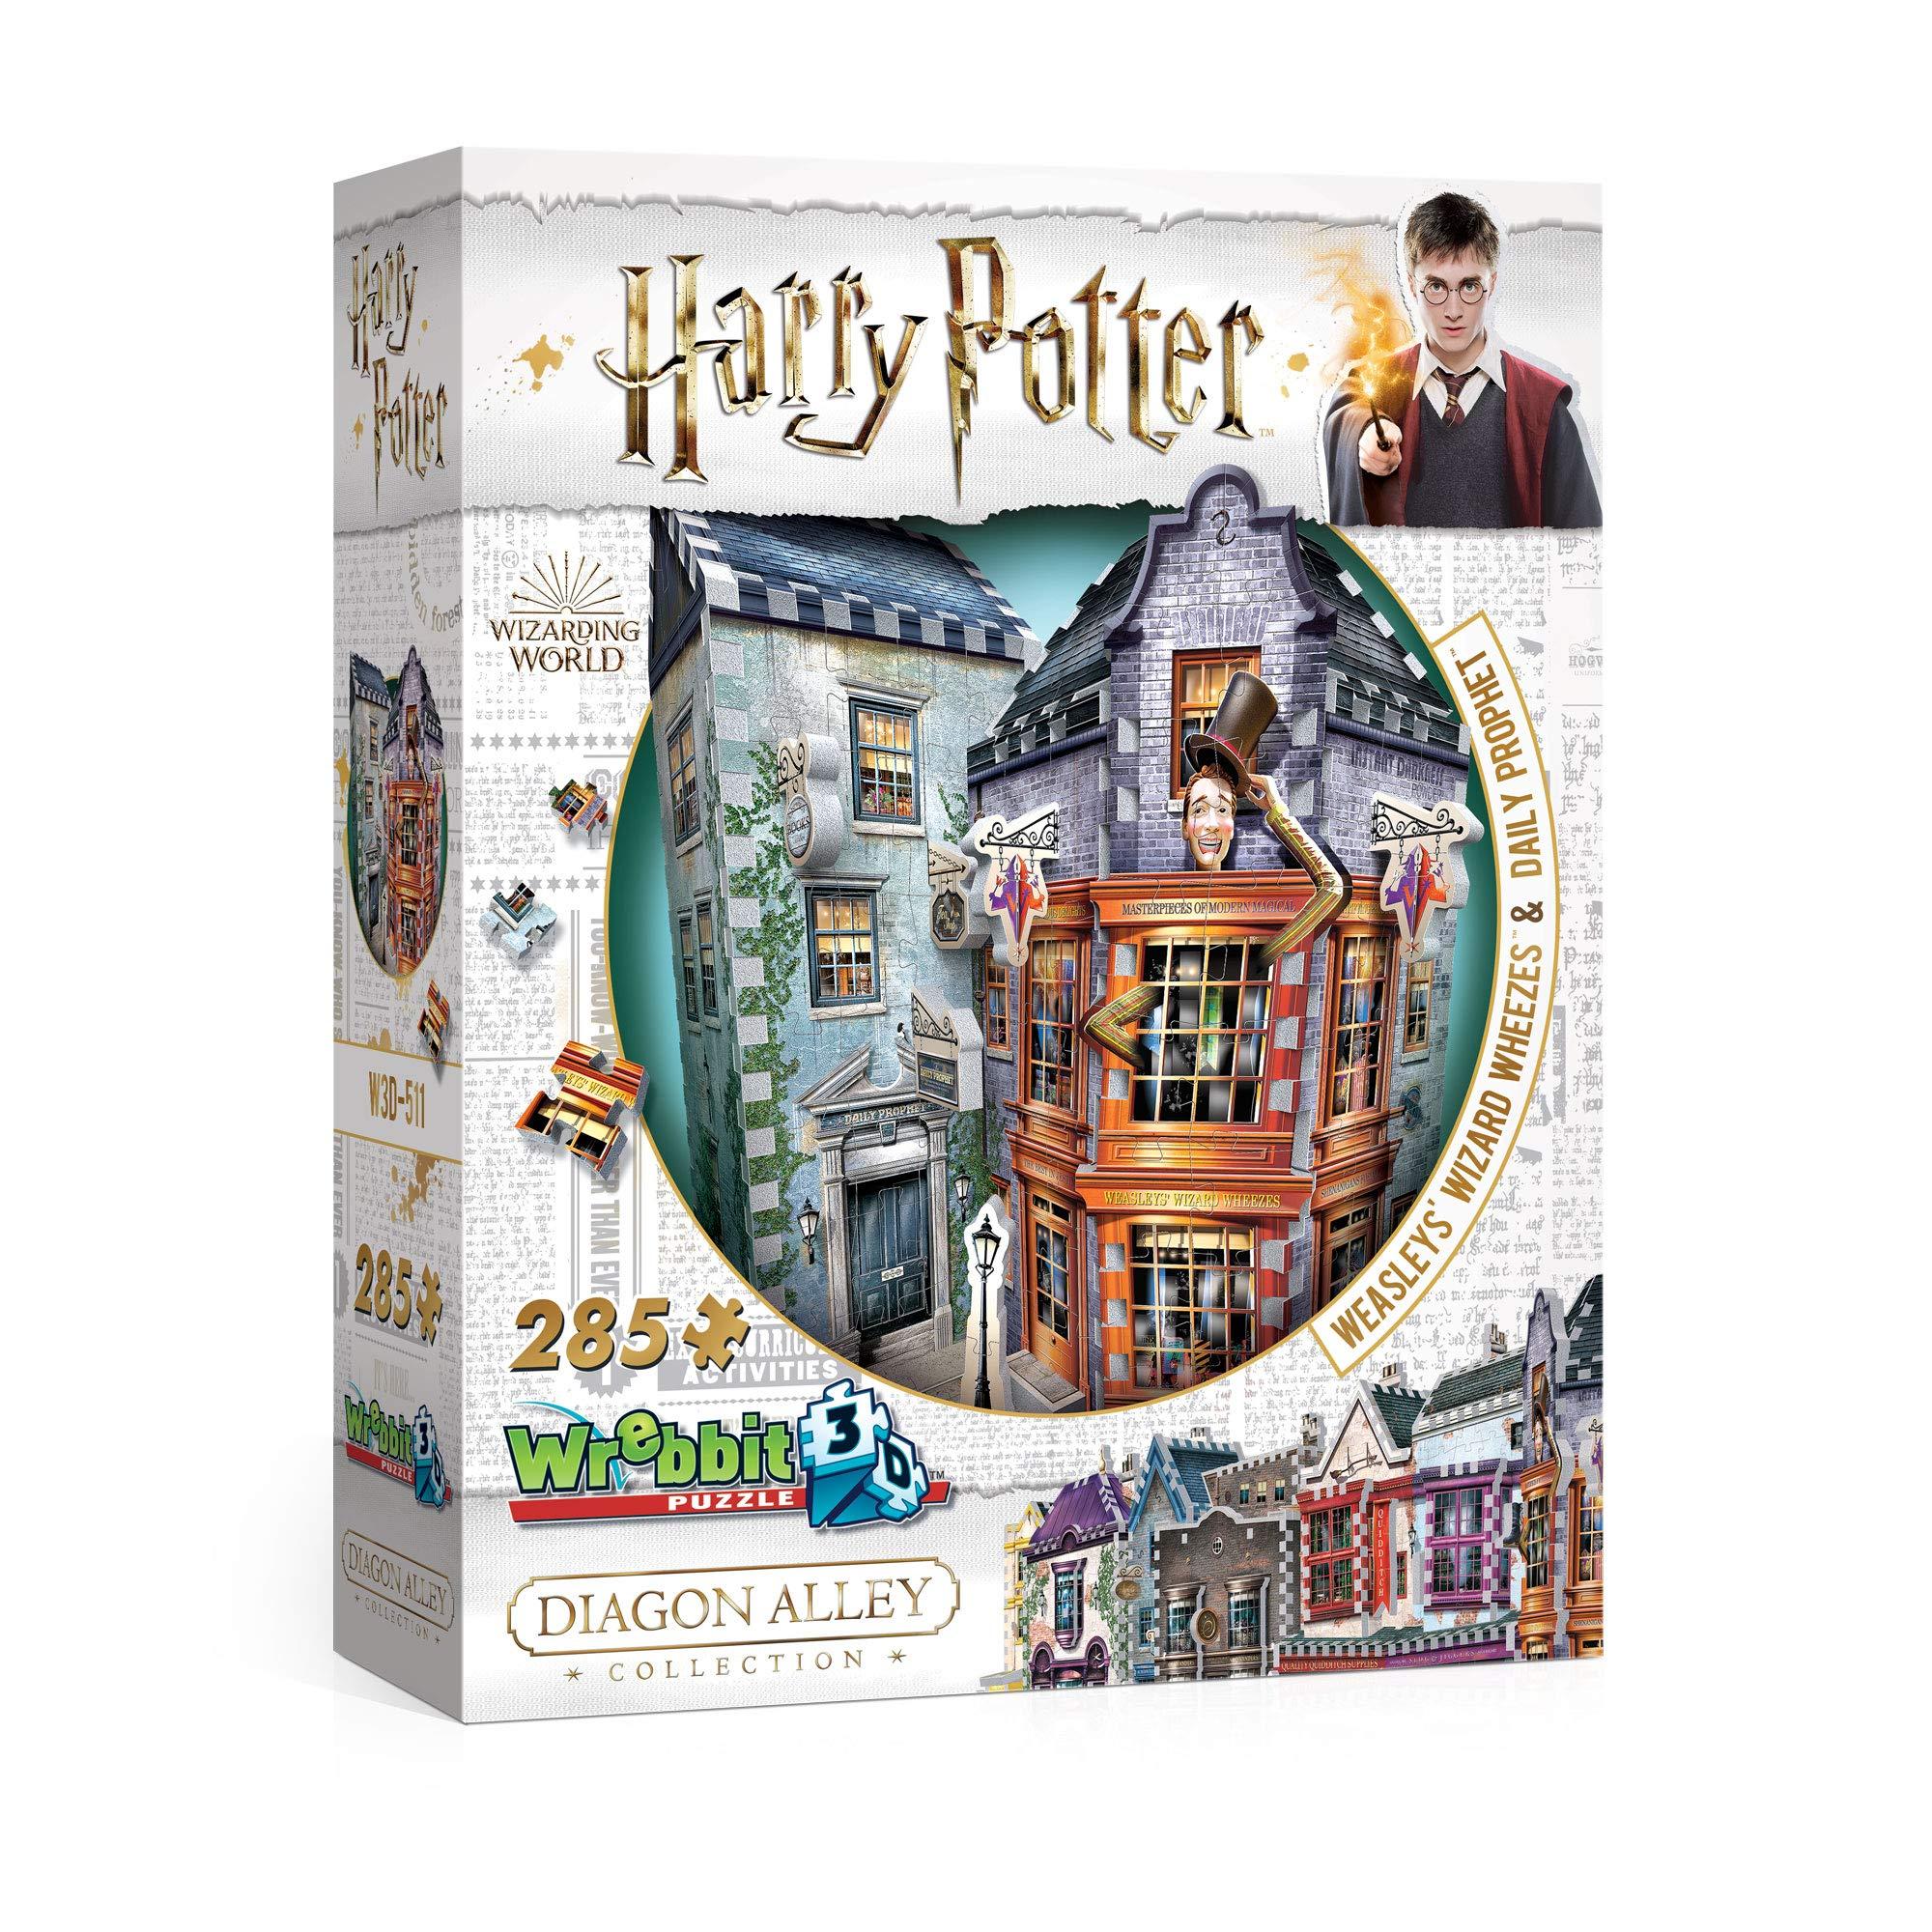 Branpresto- Tienda de Sortilegios Weasley y Oficina del Diario El Profeta Puzzle 3D, Multicolor (607962b W3D-0511)